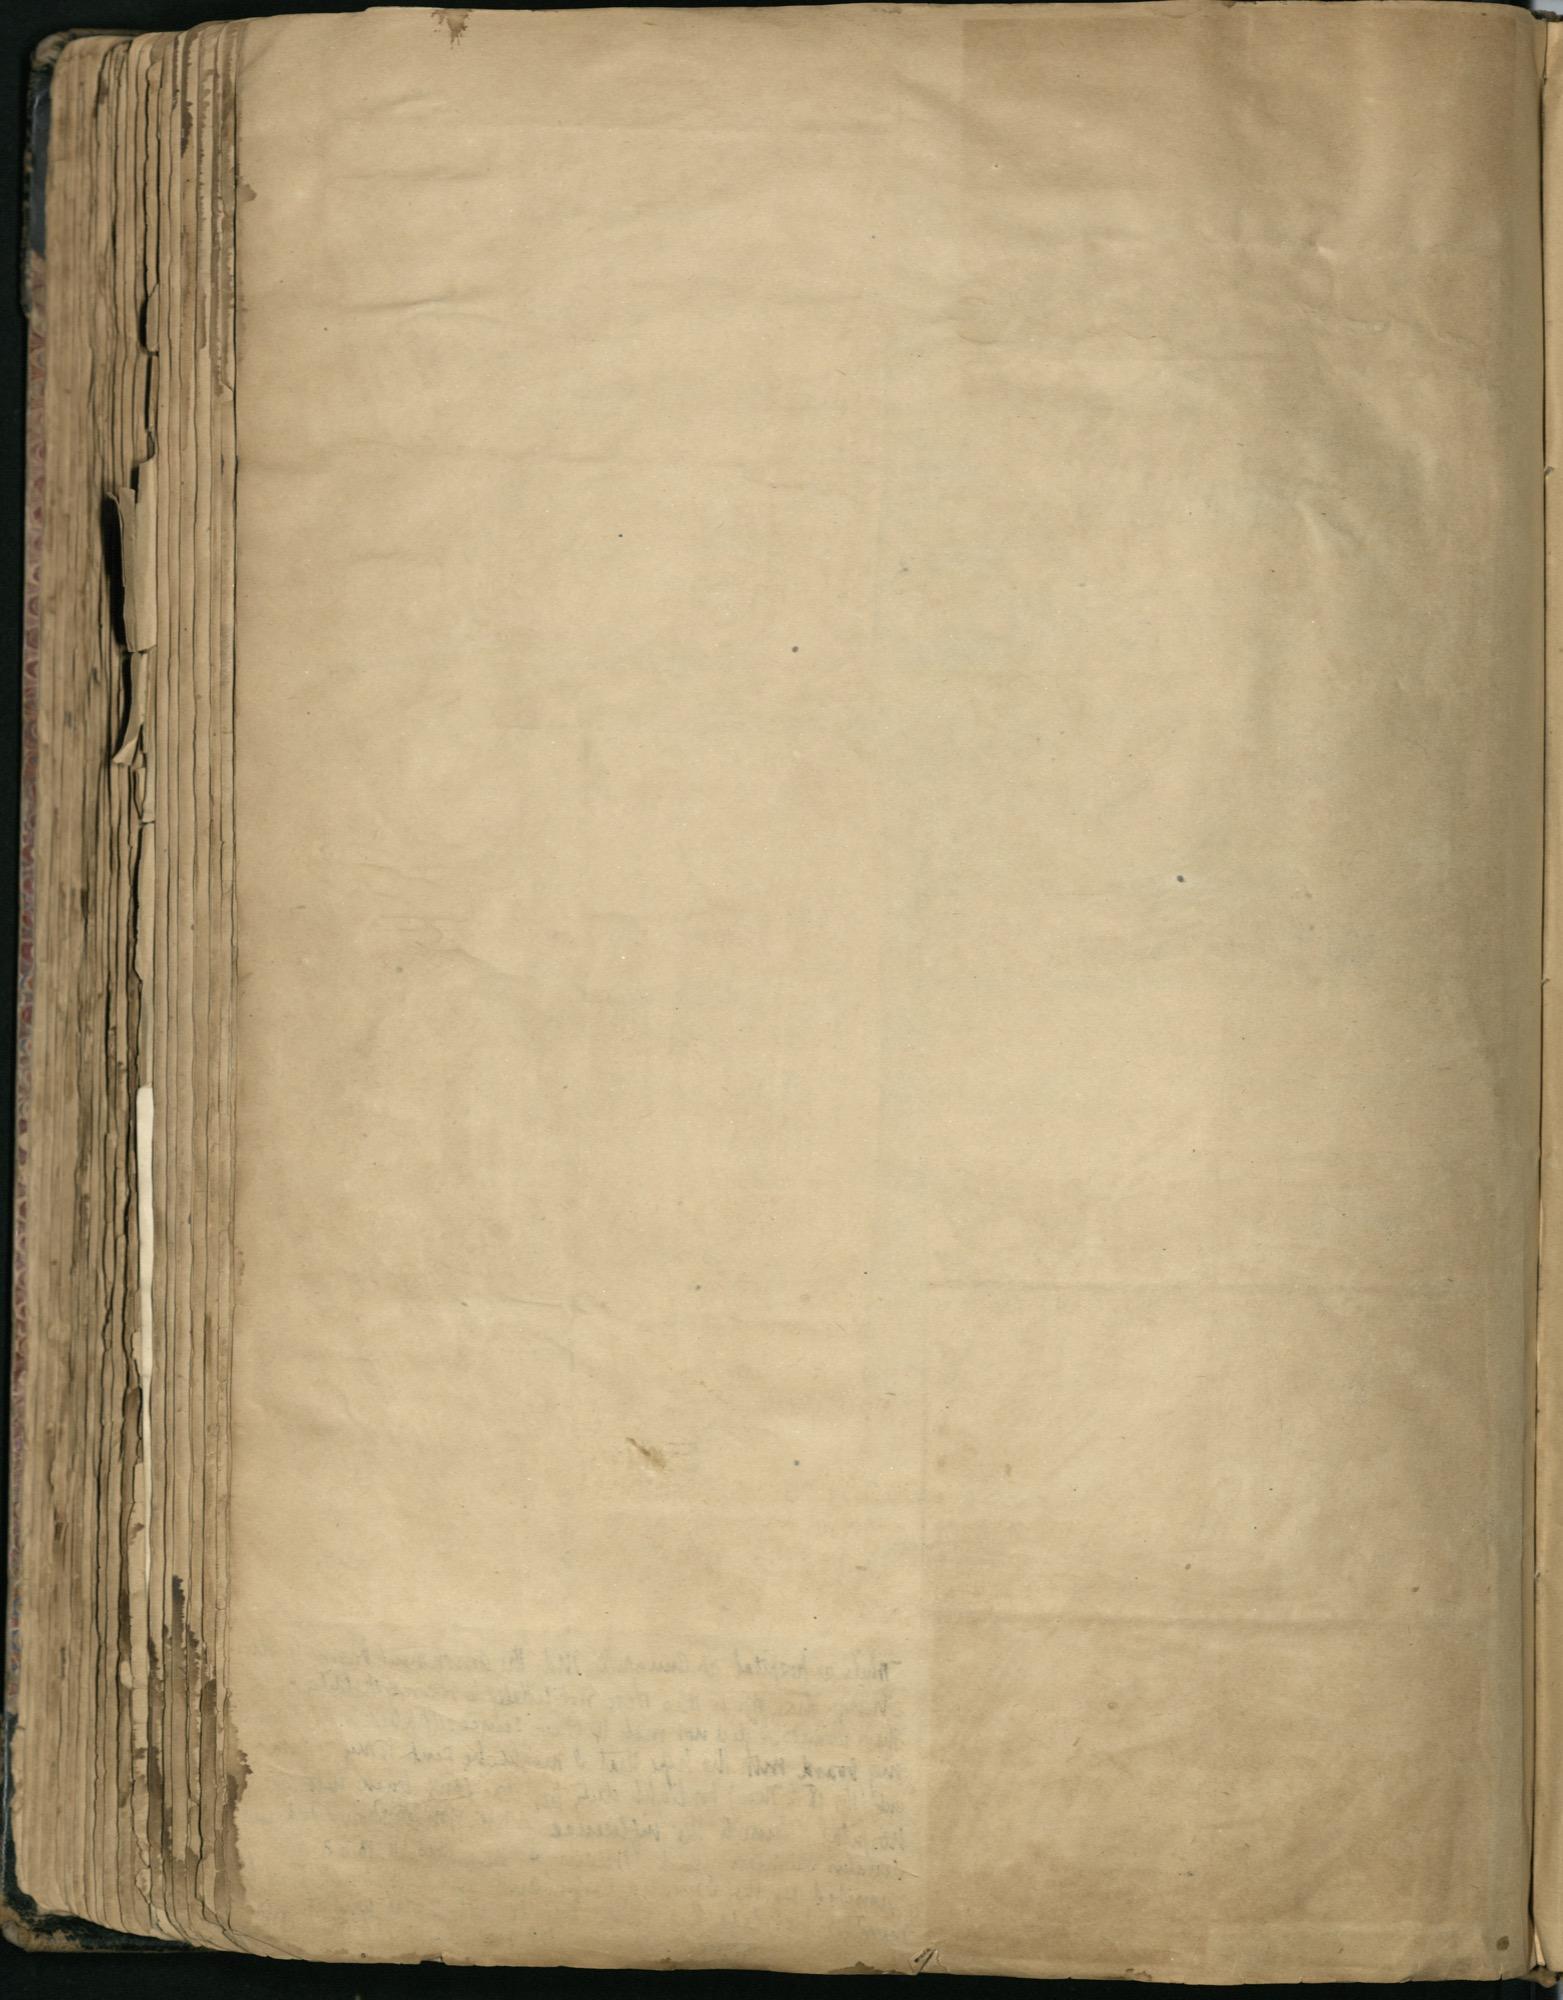 Erastus Everson Diary 1861-1893, page 242